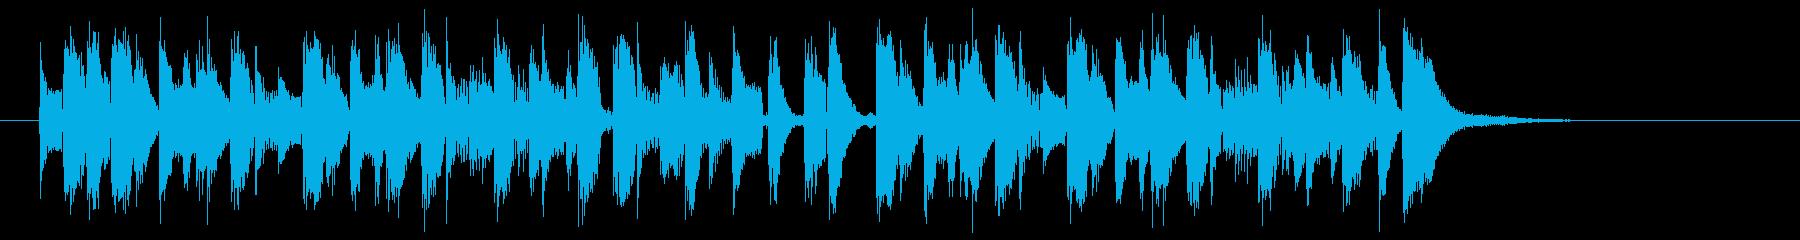 リズミカルでキャッチ―なピアノジングルの再生済みの波形